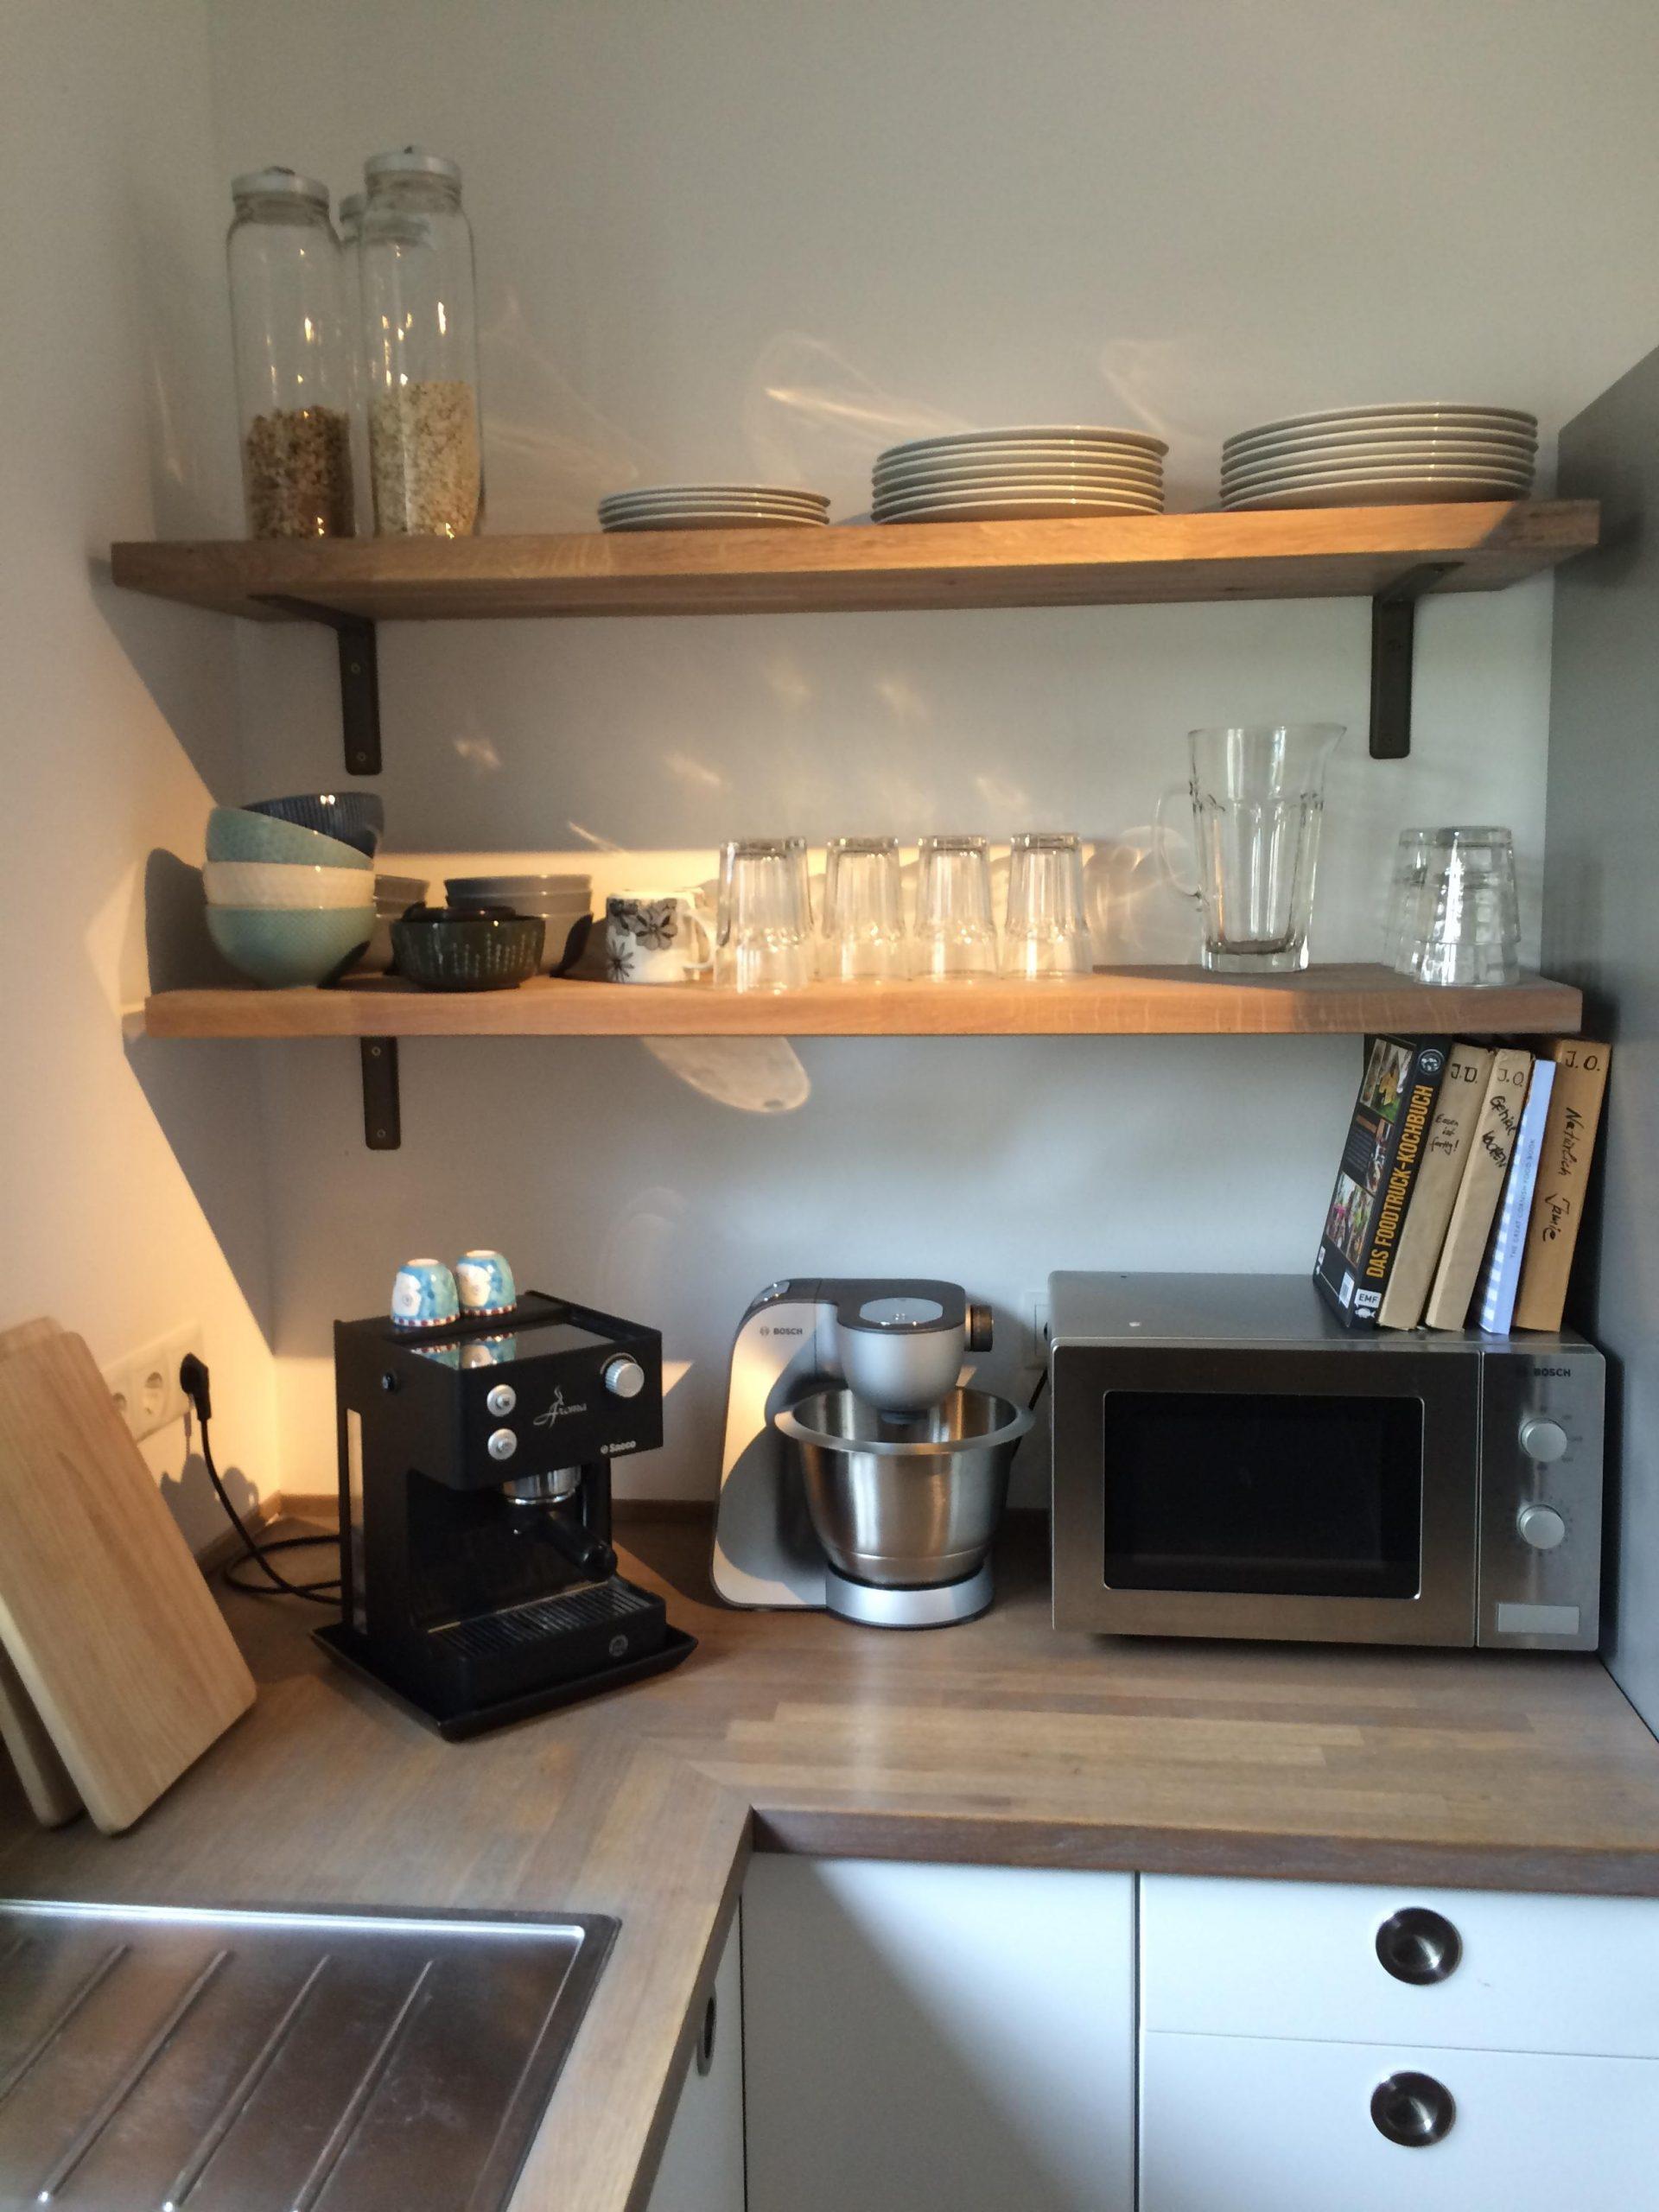 Full Size of Bodenfliesen Küche Läufer Ikea Kosten Arbeitsplatten Anrichte Industrielook Led Deckenleuchte Wandbelag Miele Alno Wohnzimmer Wandregal Küche Ikea